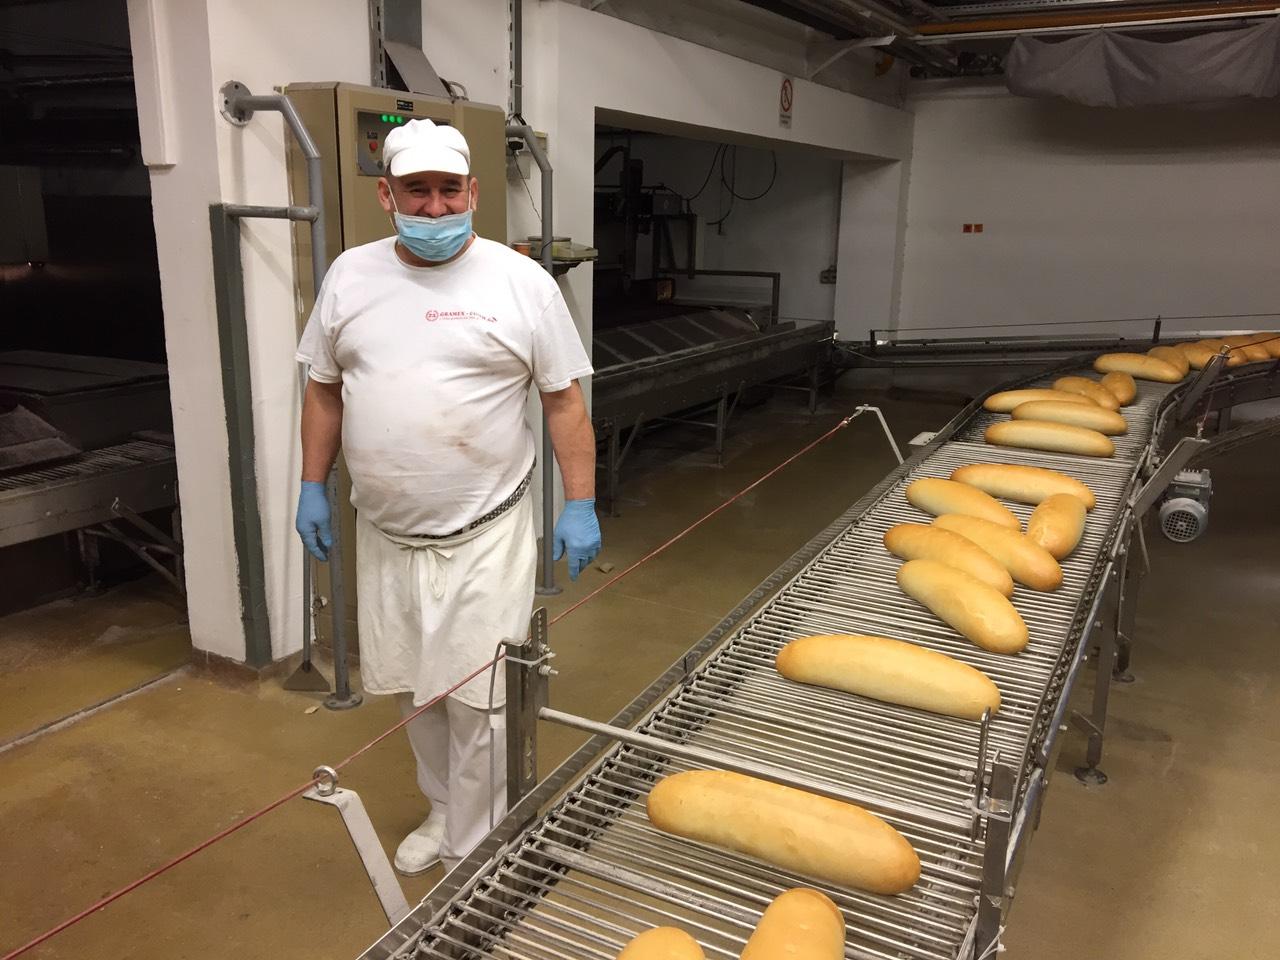 PIK prodaje svježi riječki kruh u zaštićenom i higijenski sigurnijem pakiranju